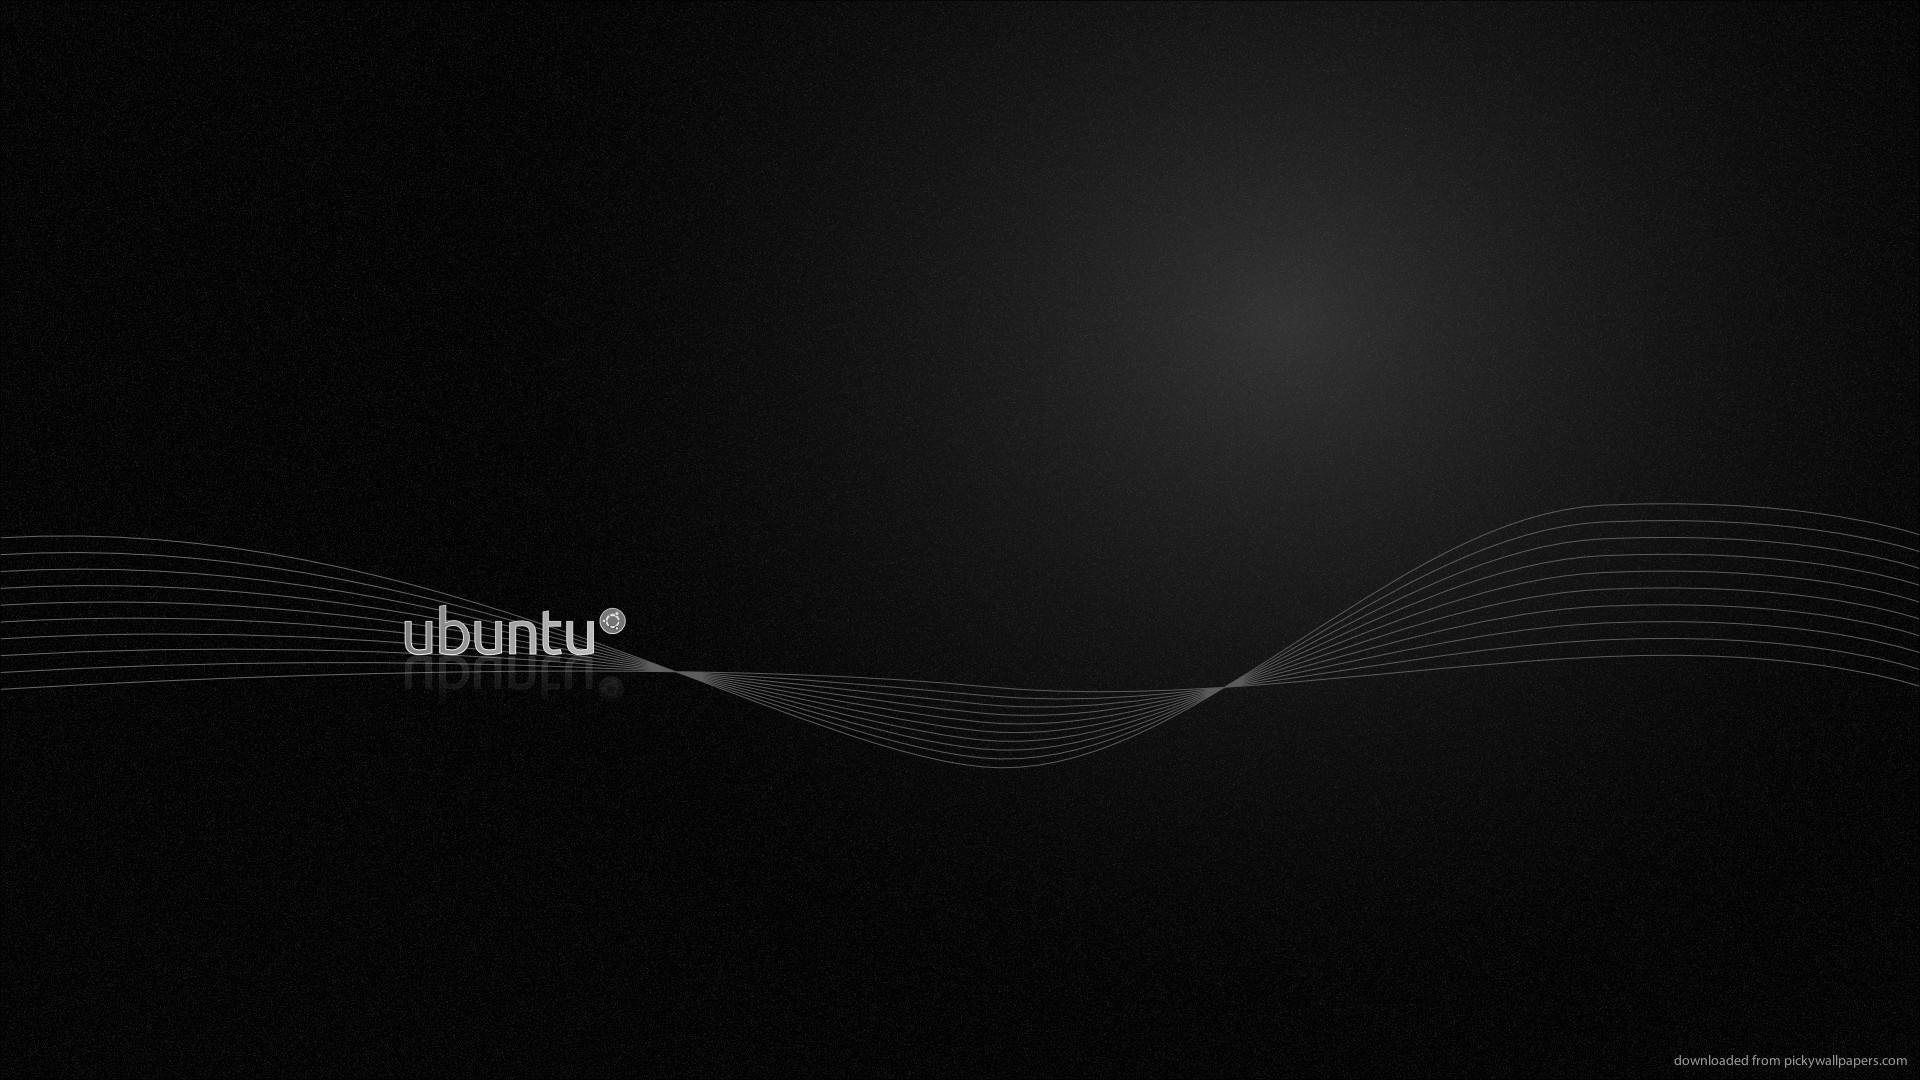 Ubuntu Wallpapers 1920x1080 - WallpaperSafari Ubuntu Server Wallpaper